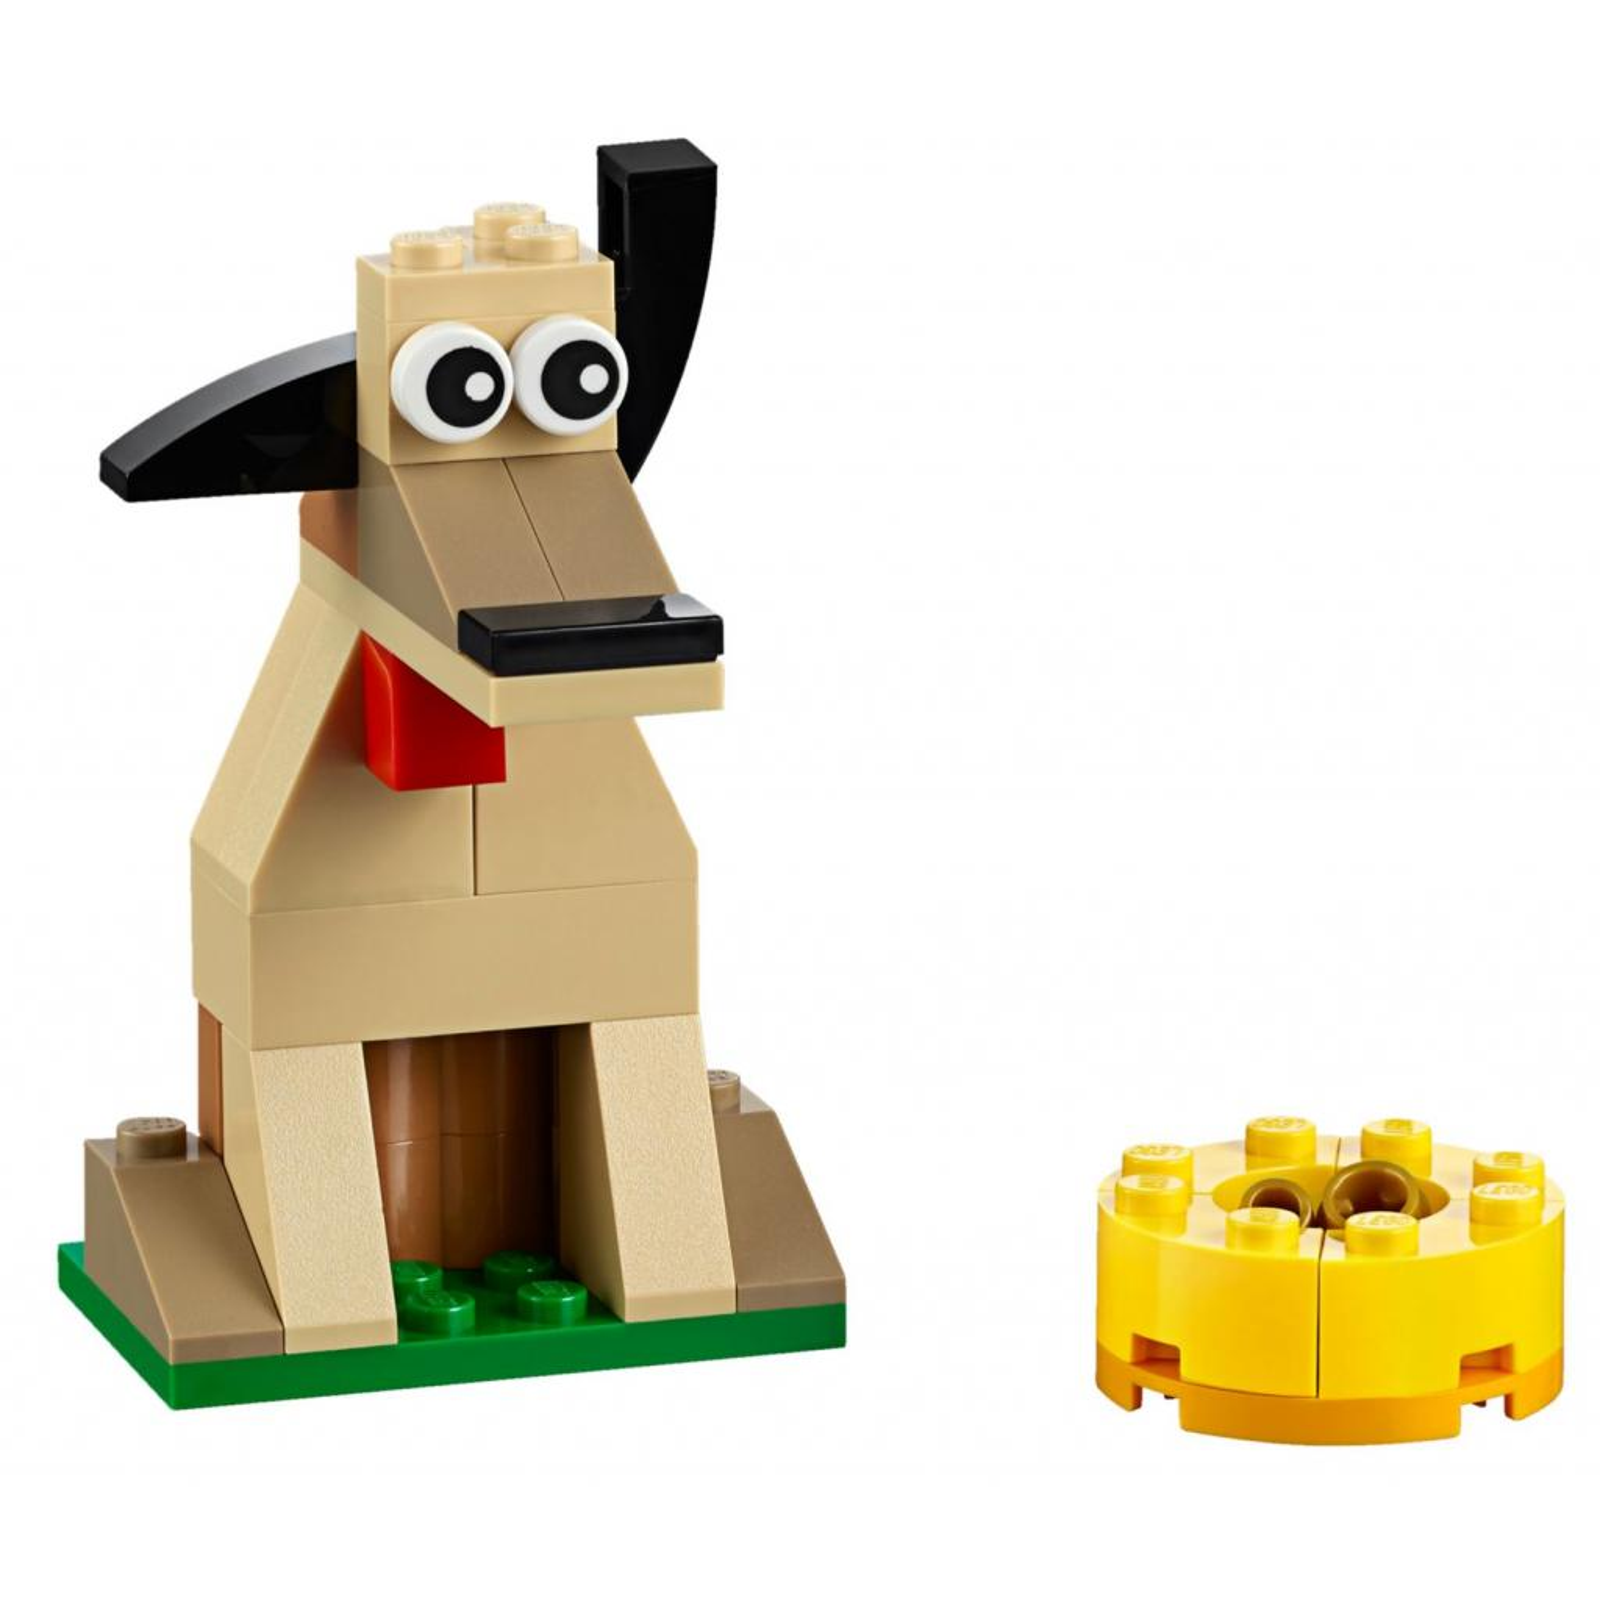 Конструктор LEGO Classic Набор кубиков для свободного конструирования (10702) изображение 4